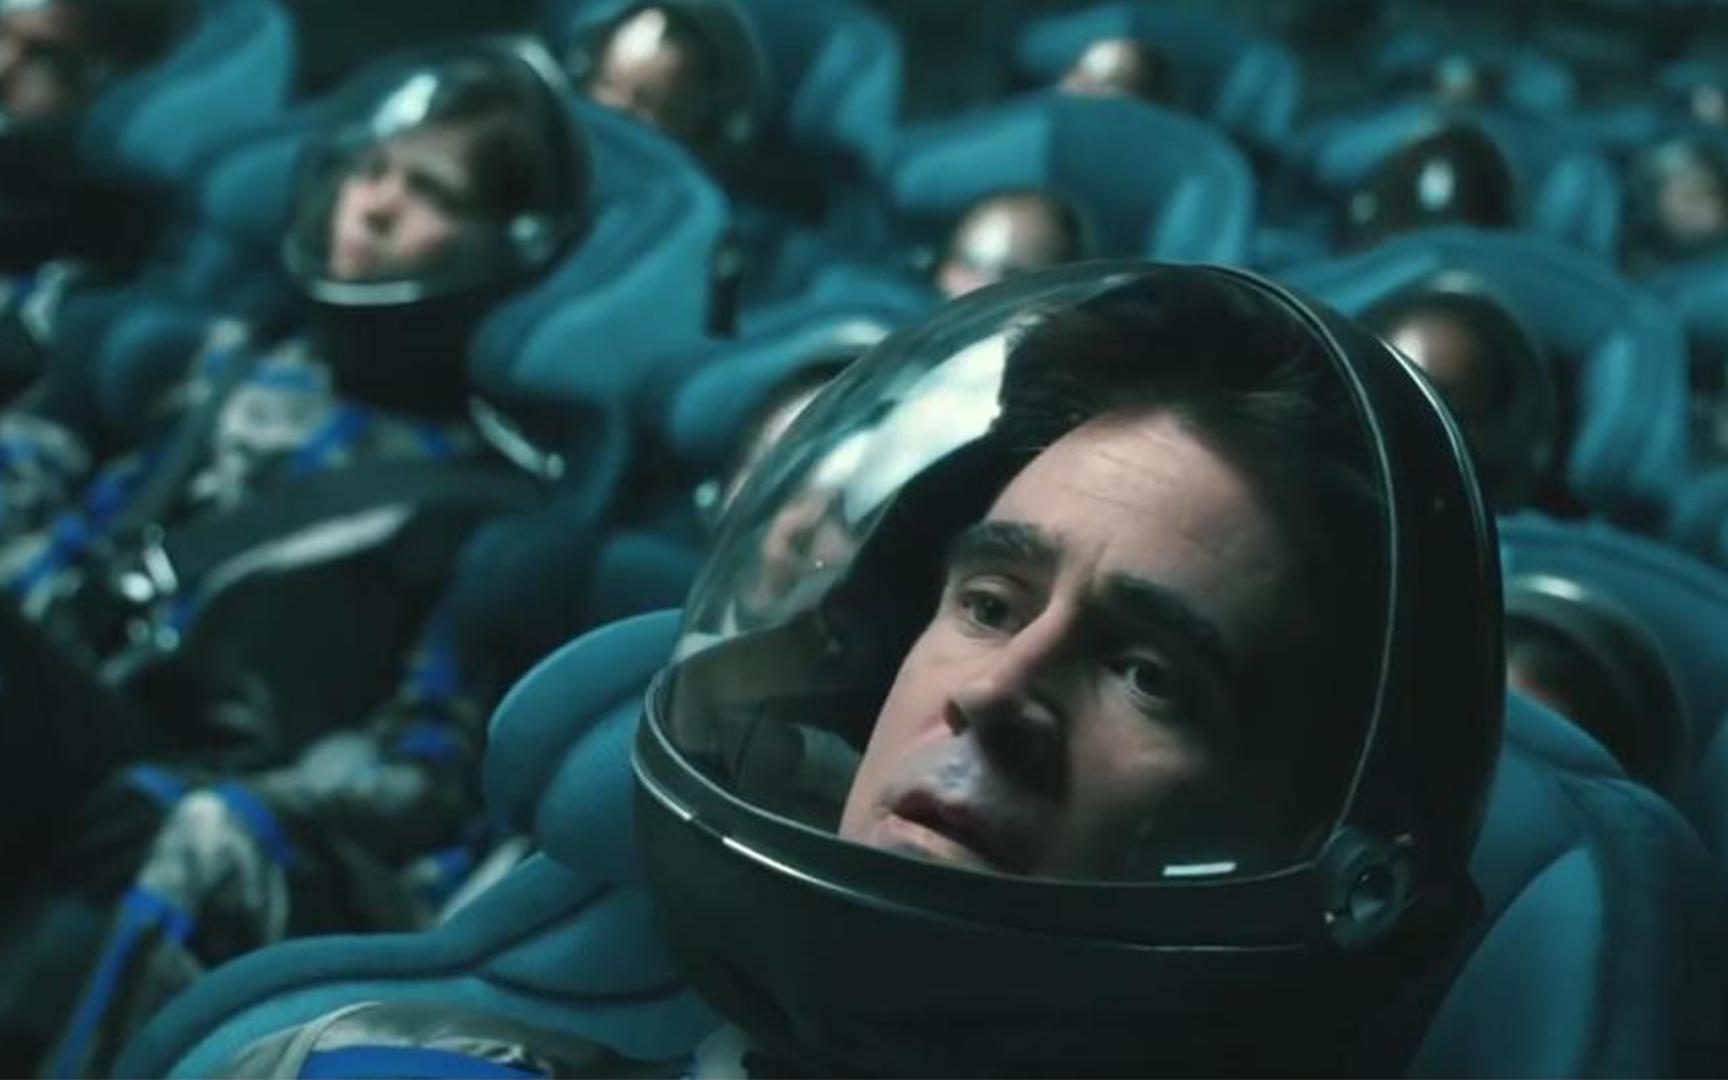 9分钟看完2021最新科幻片《航行者》,远离地球,人性尽显无遗